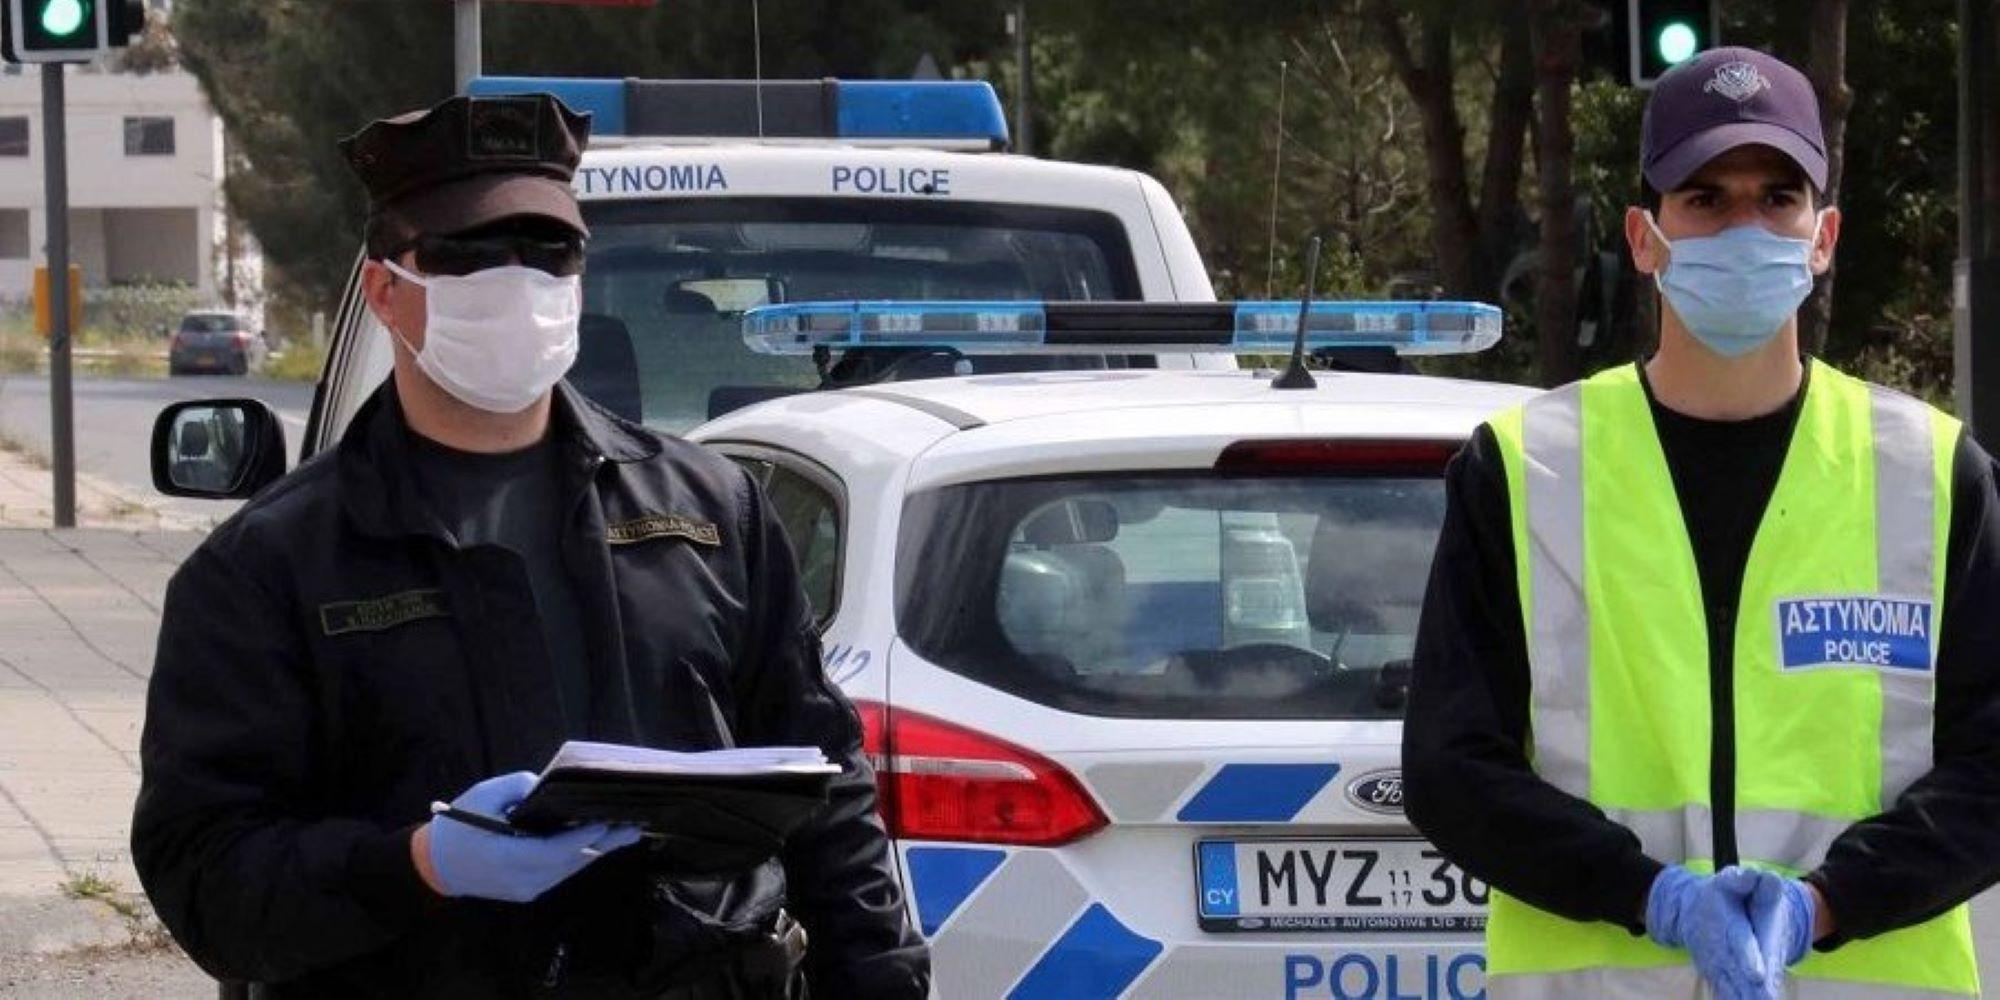 Στις 148 οι καταγγελίες της Αστυνομίας για παραβίαση των μέτρων κατά Covid-19 το τελευταίο 24ωρο